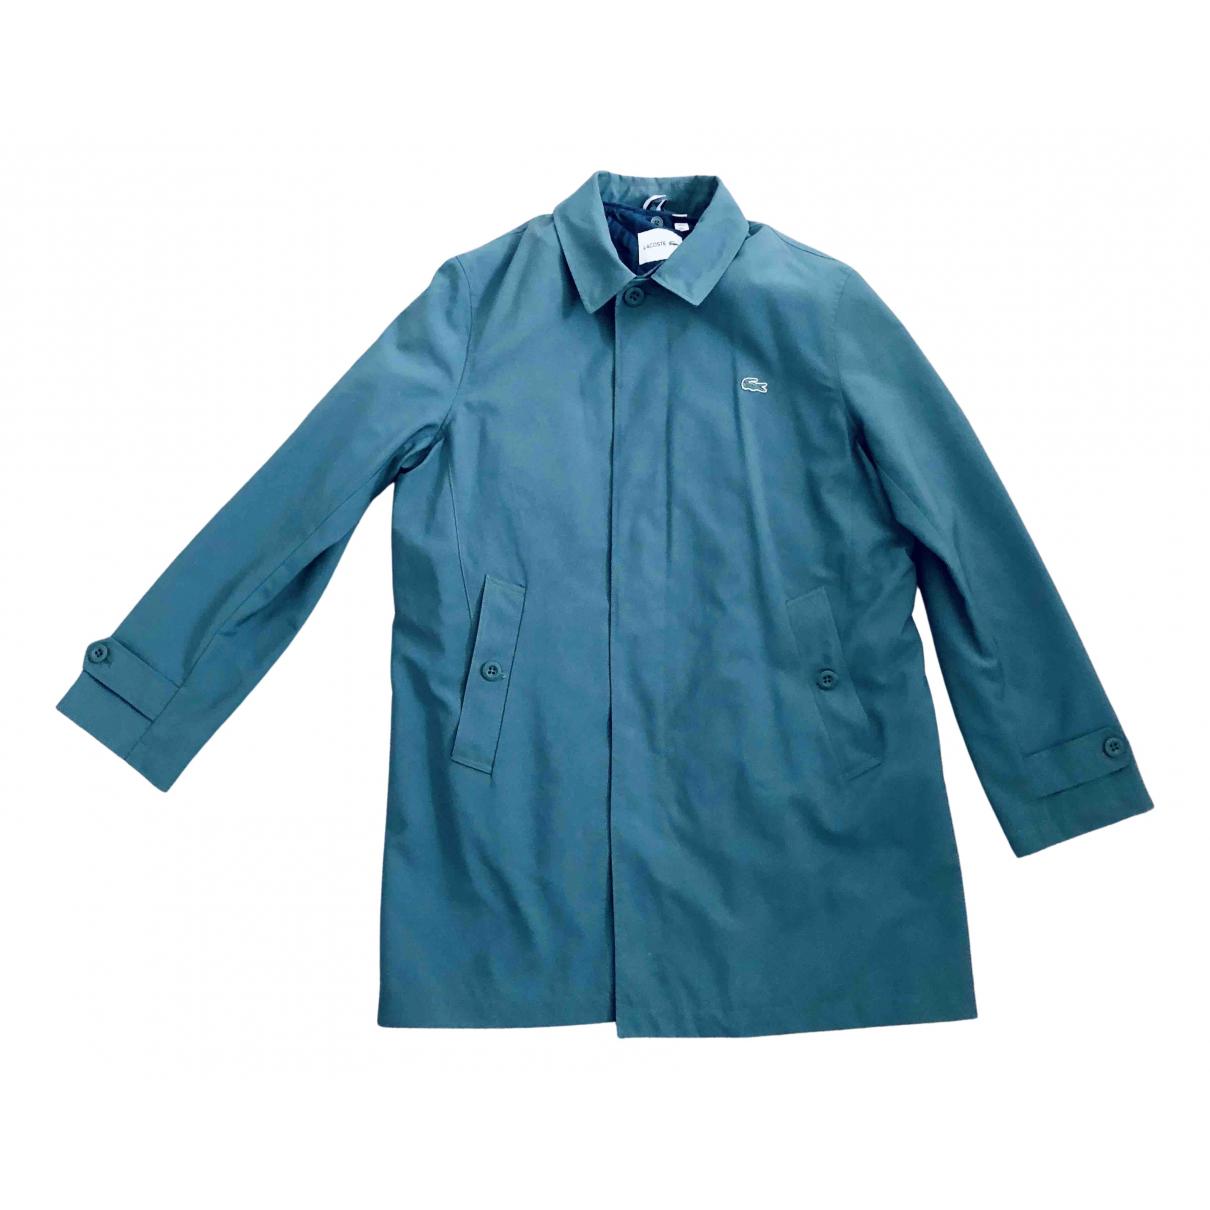 Lacoste - Manteau   pour homme - vert